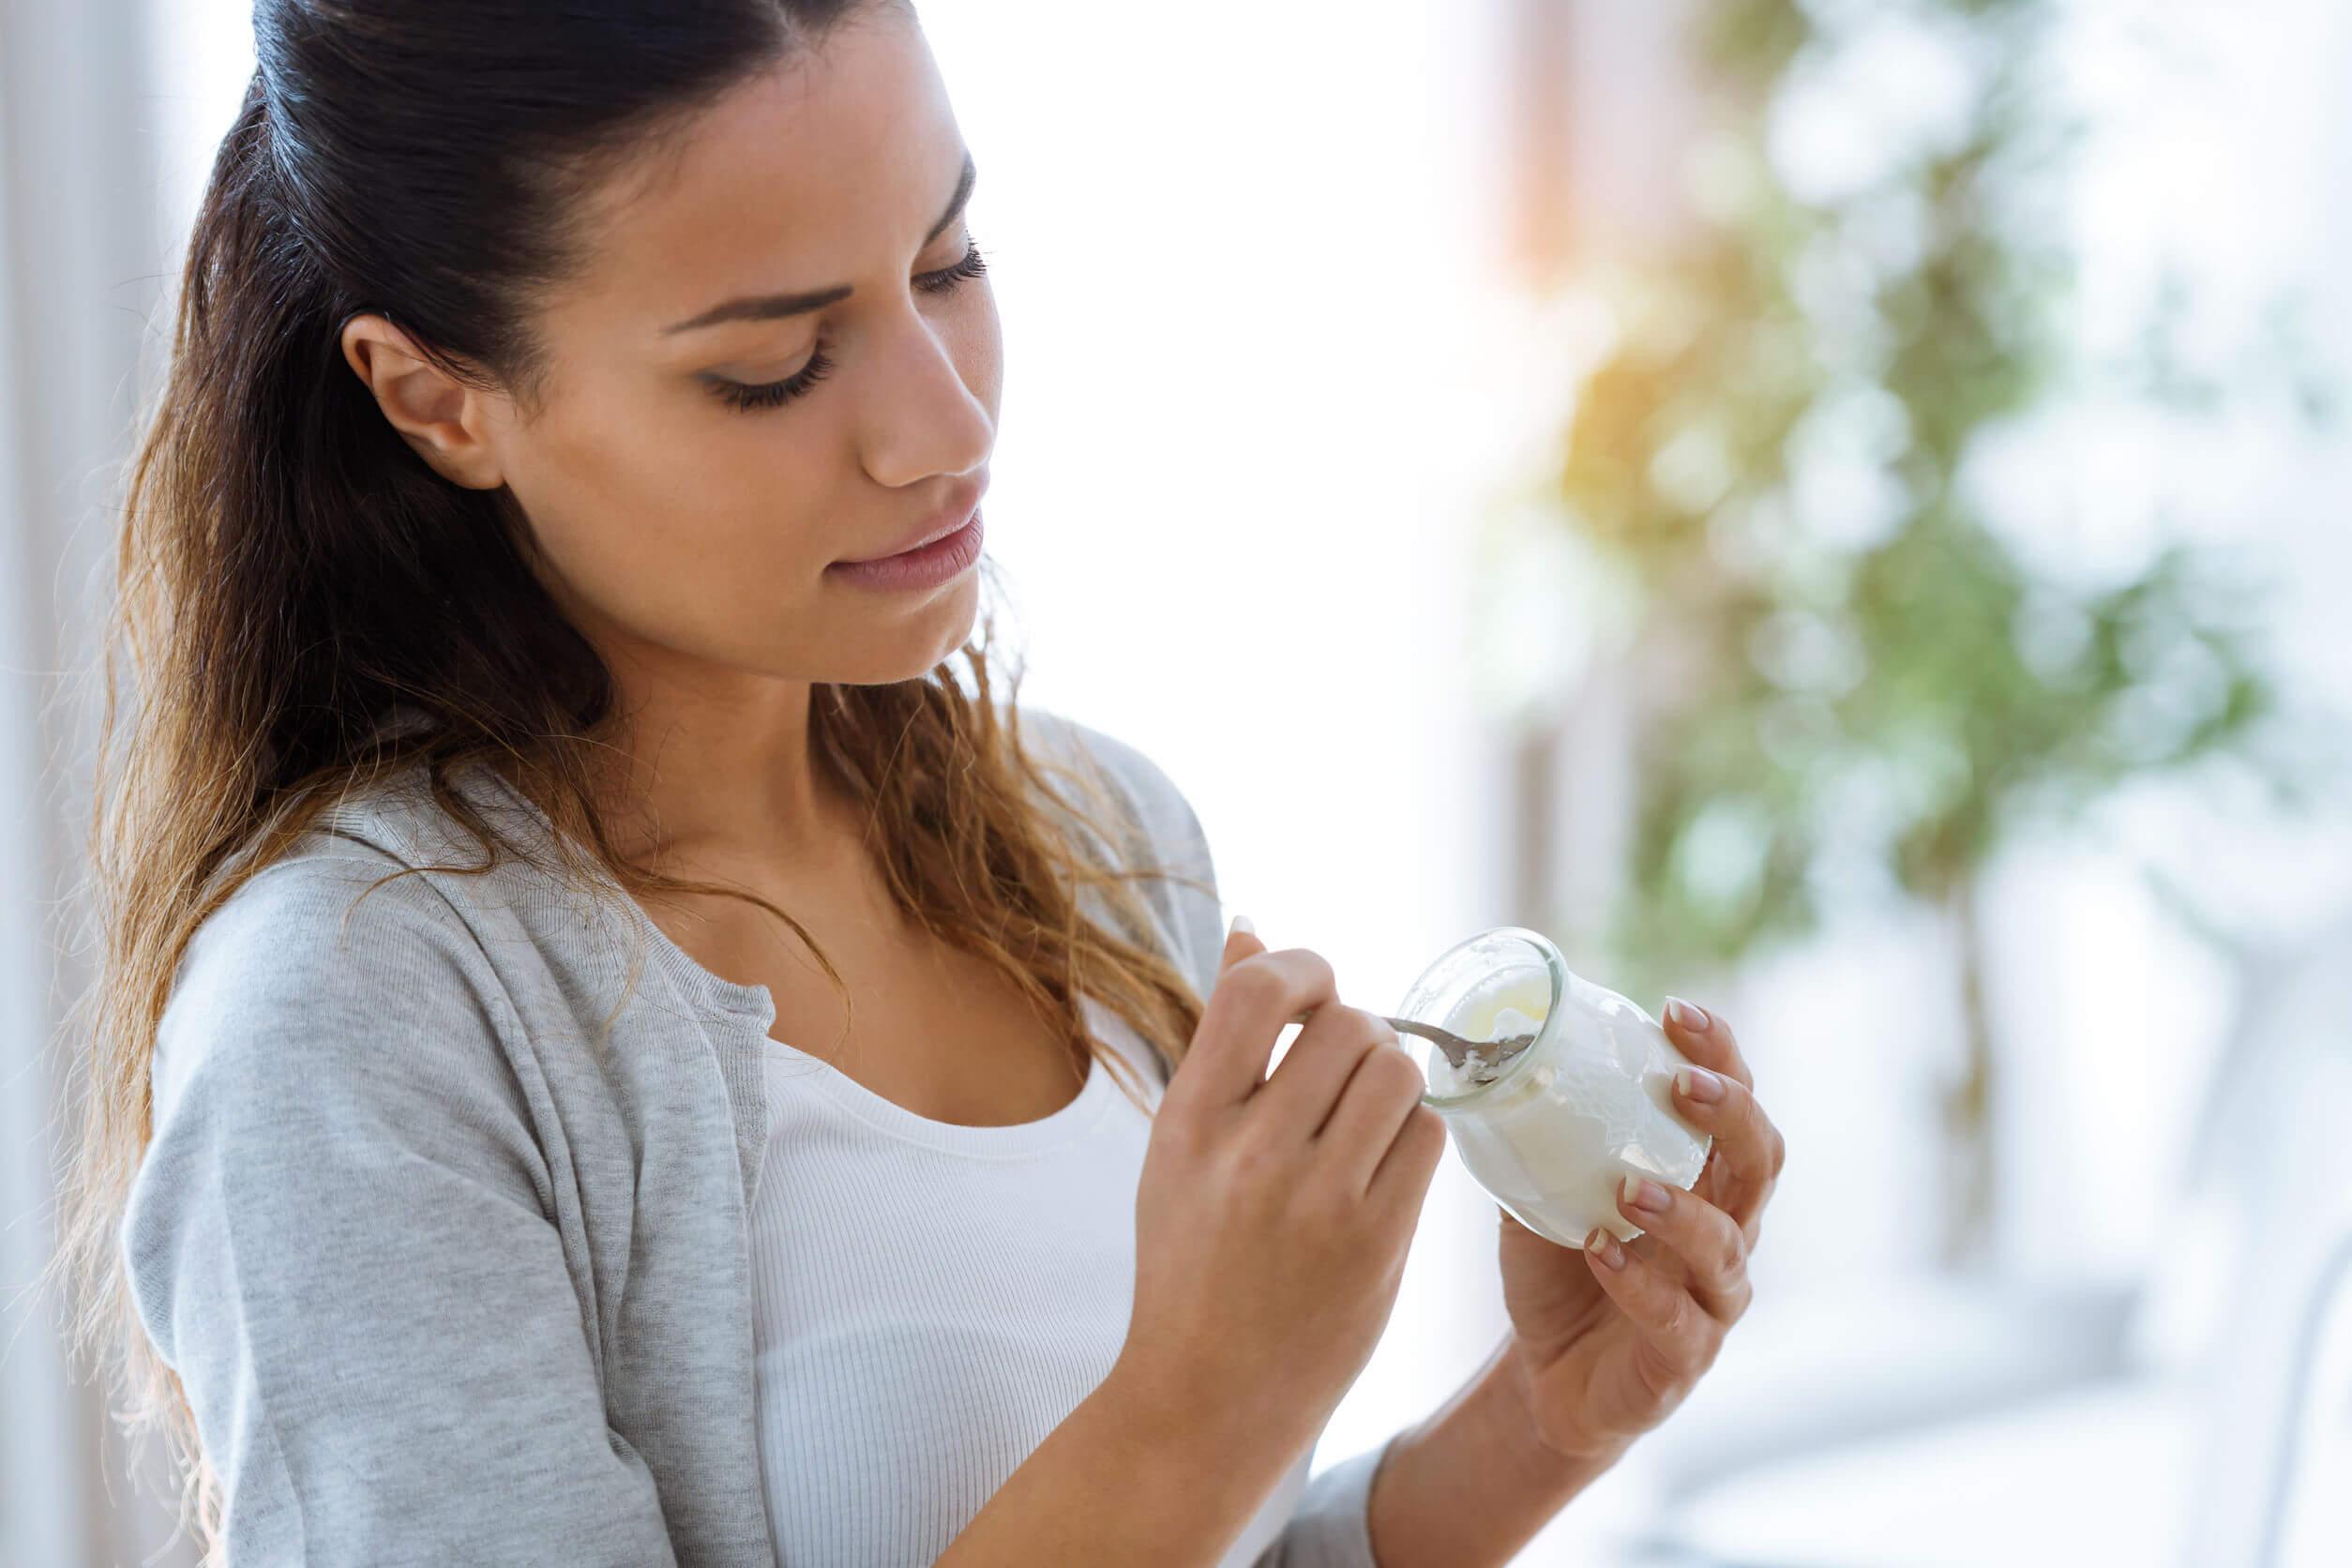 Os psicobióticos podem ser encontrados em alguns alimentos, como o iogurte.